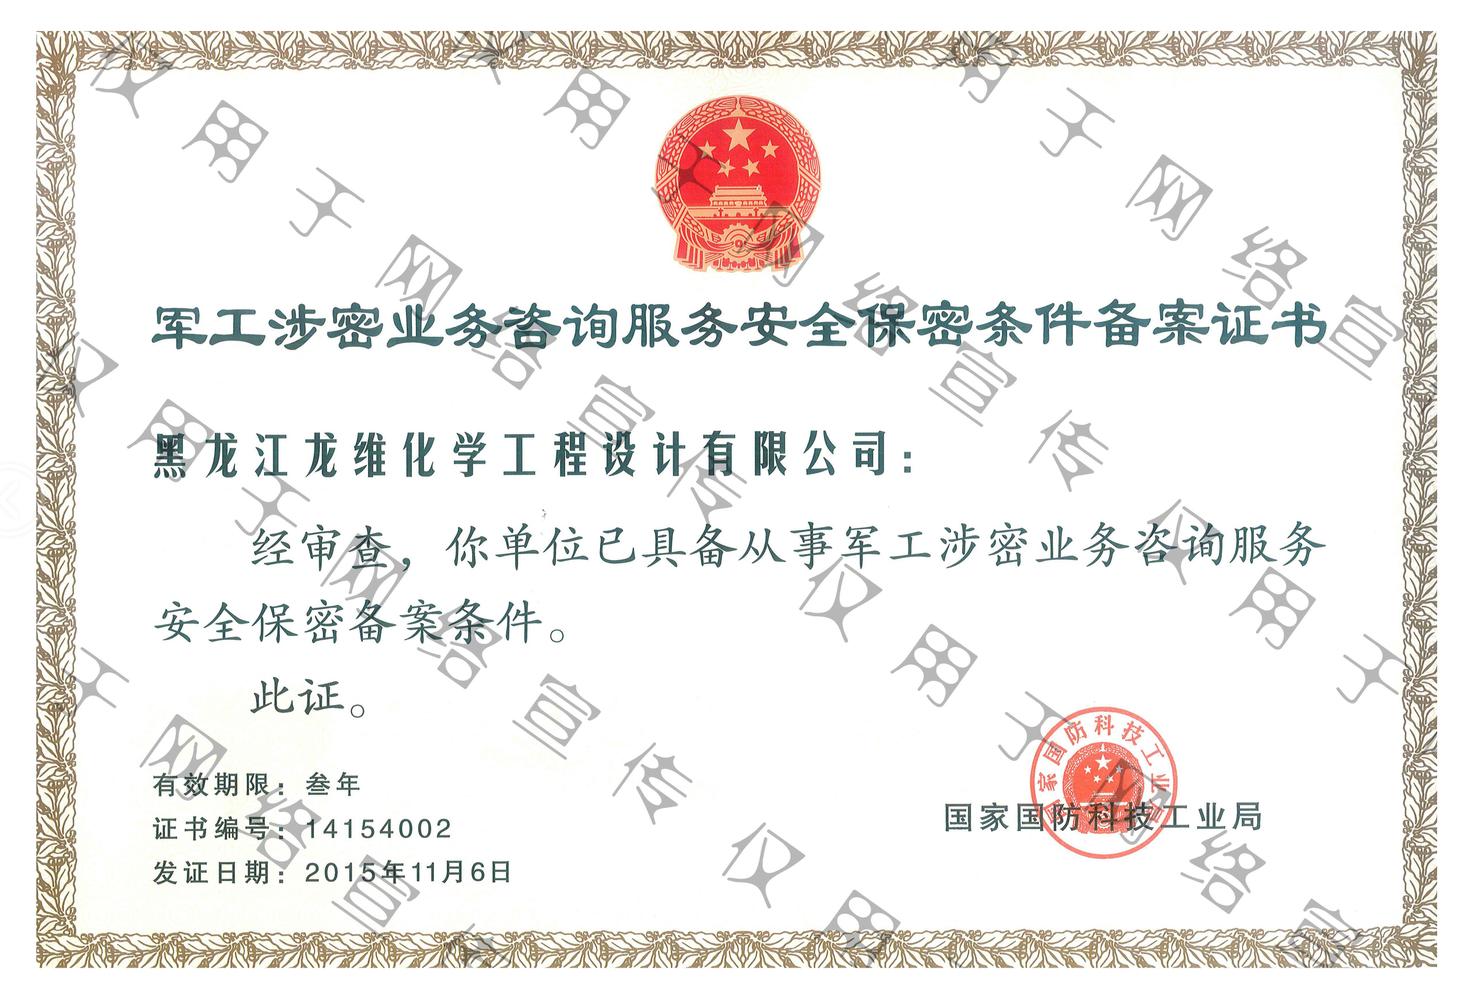 龍維軍工涉密業務咨詢服務安全保密條件備案證書--QQ圖片20170601092431.png